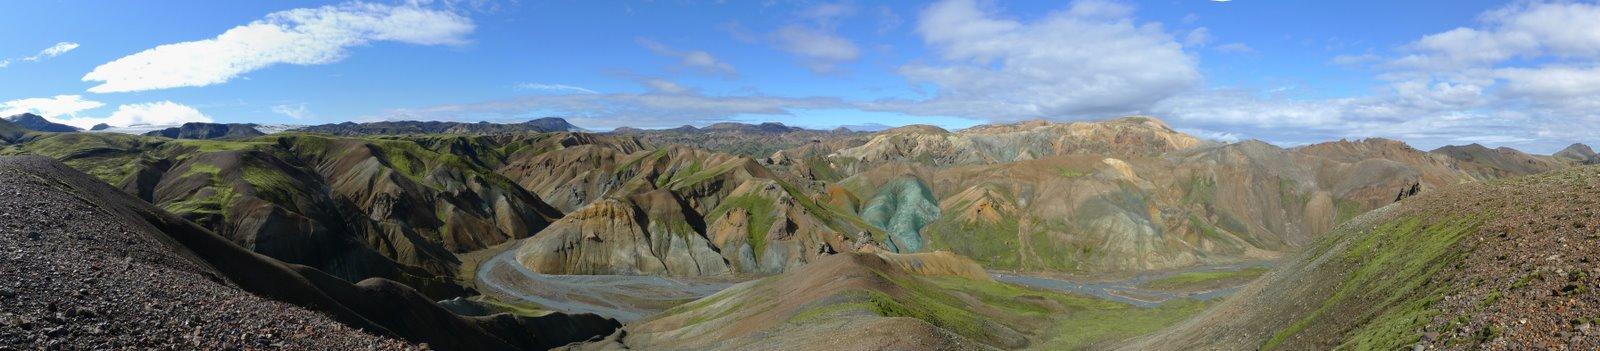 Randonner en Islande feature image